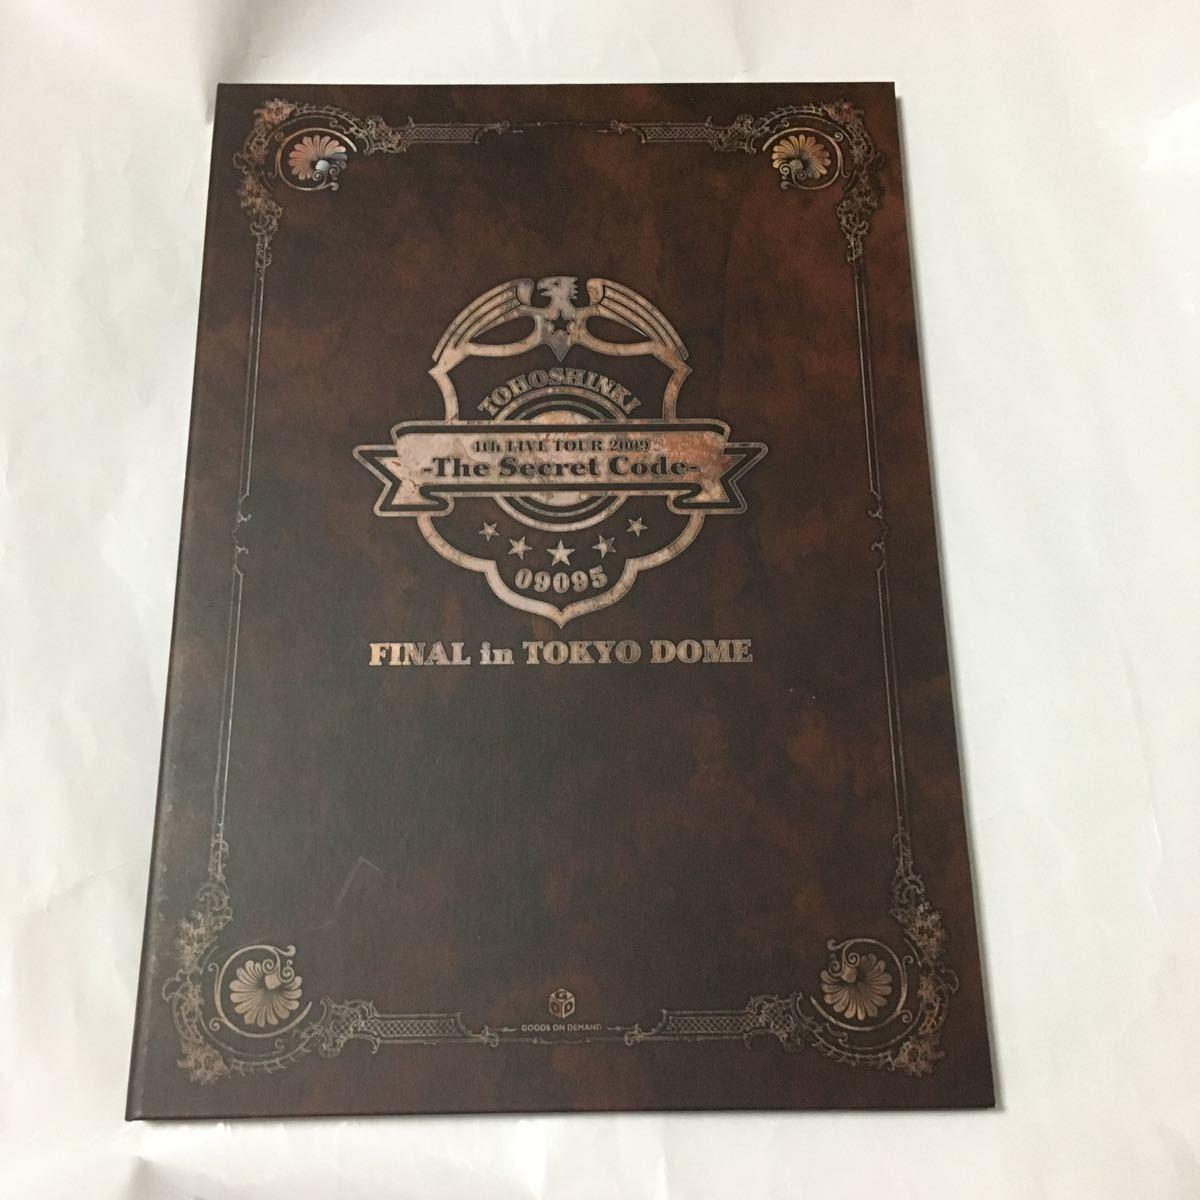 送料込み 東方神起 JYJ パーソナルブック 写真集 4th LIVE TOUR 2009 ~The Secret Code~ 05818 5人 ジェジュン ユノ ...